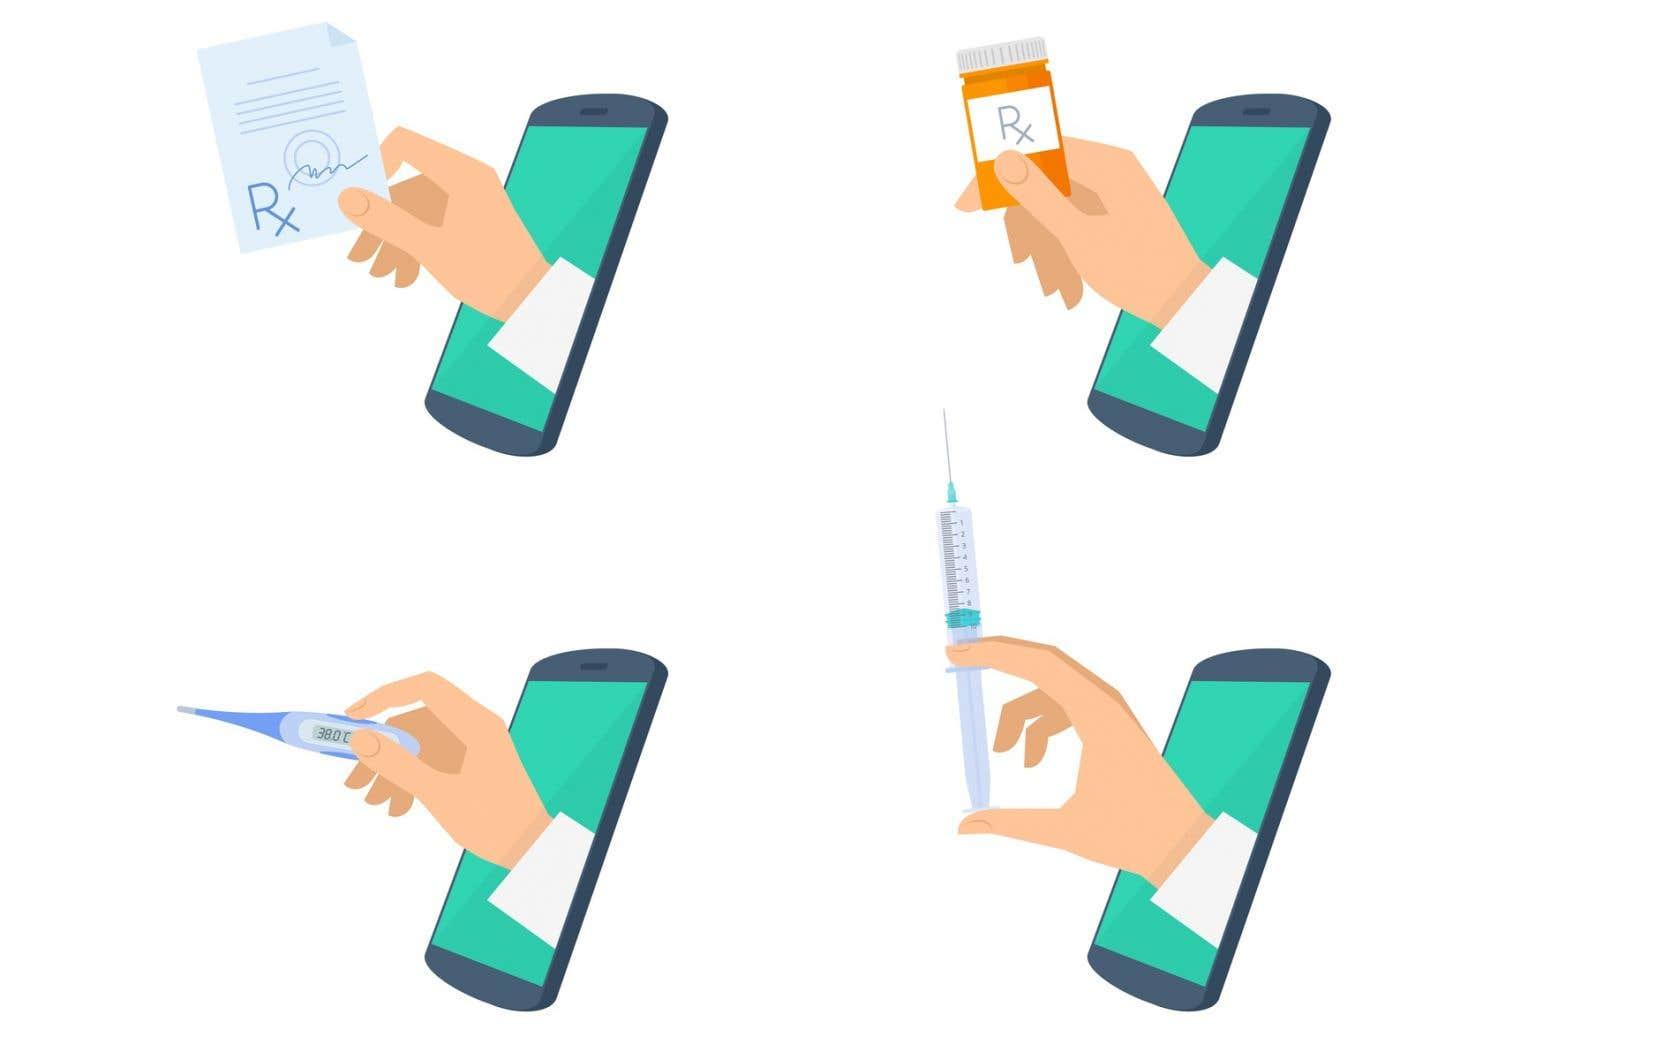 Plusieurs changements récents montrent que la pratique de la médecine devient de plus en plus interdisciplinaire. La pandémie a aussi intensifié une pratique en émergence: la télémédecine.